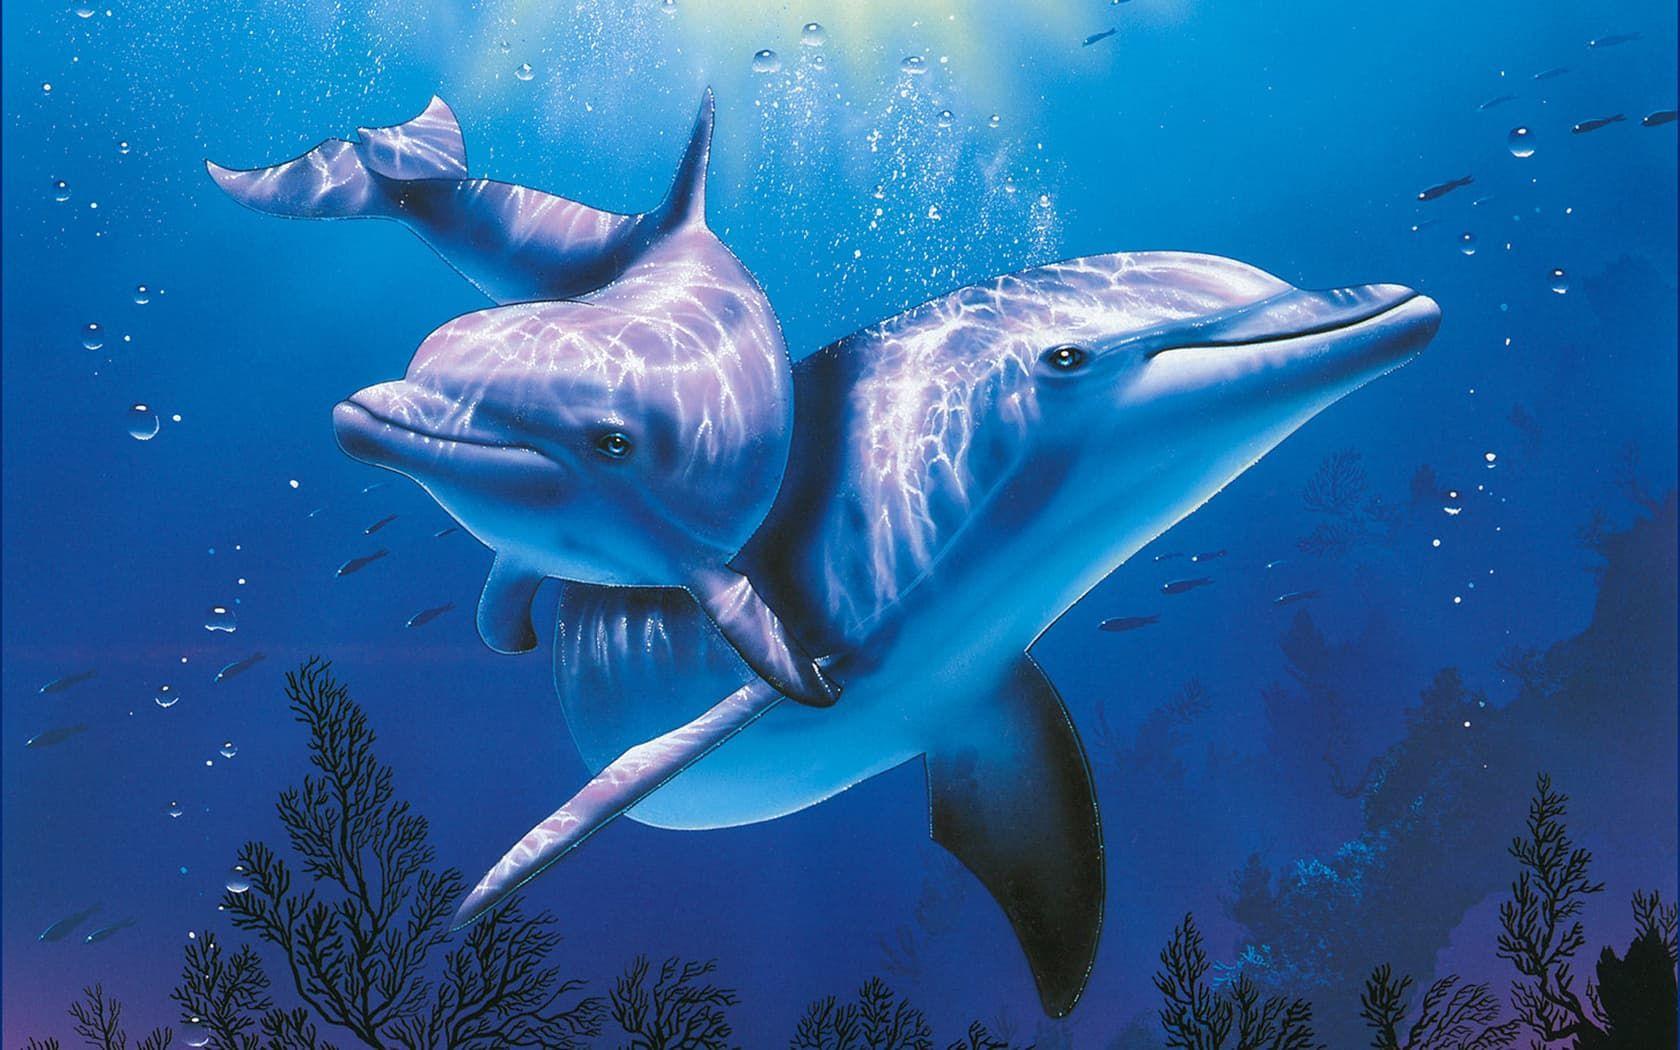 mơ thấy cá heo đánh con gì